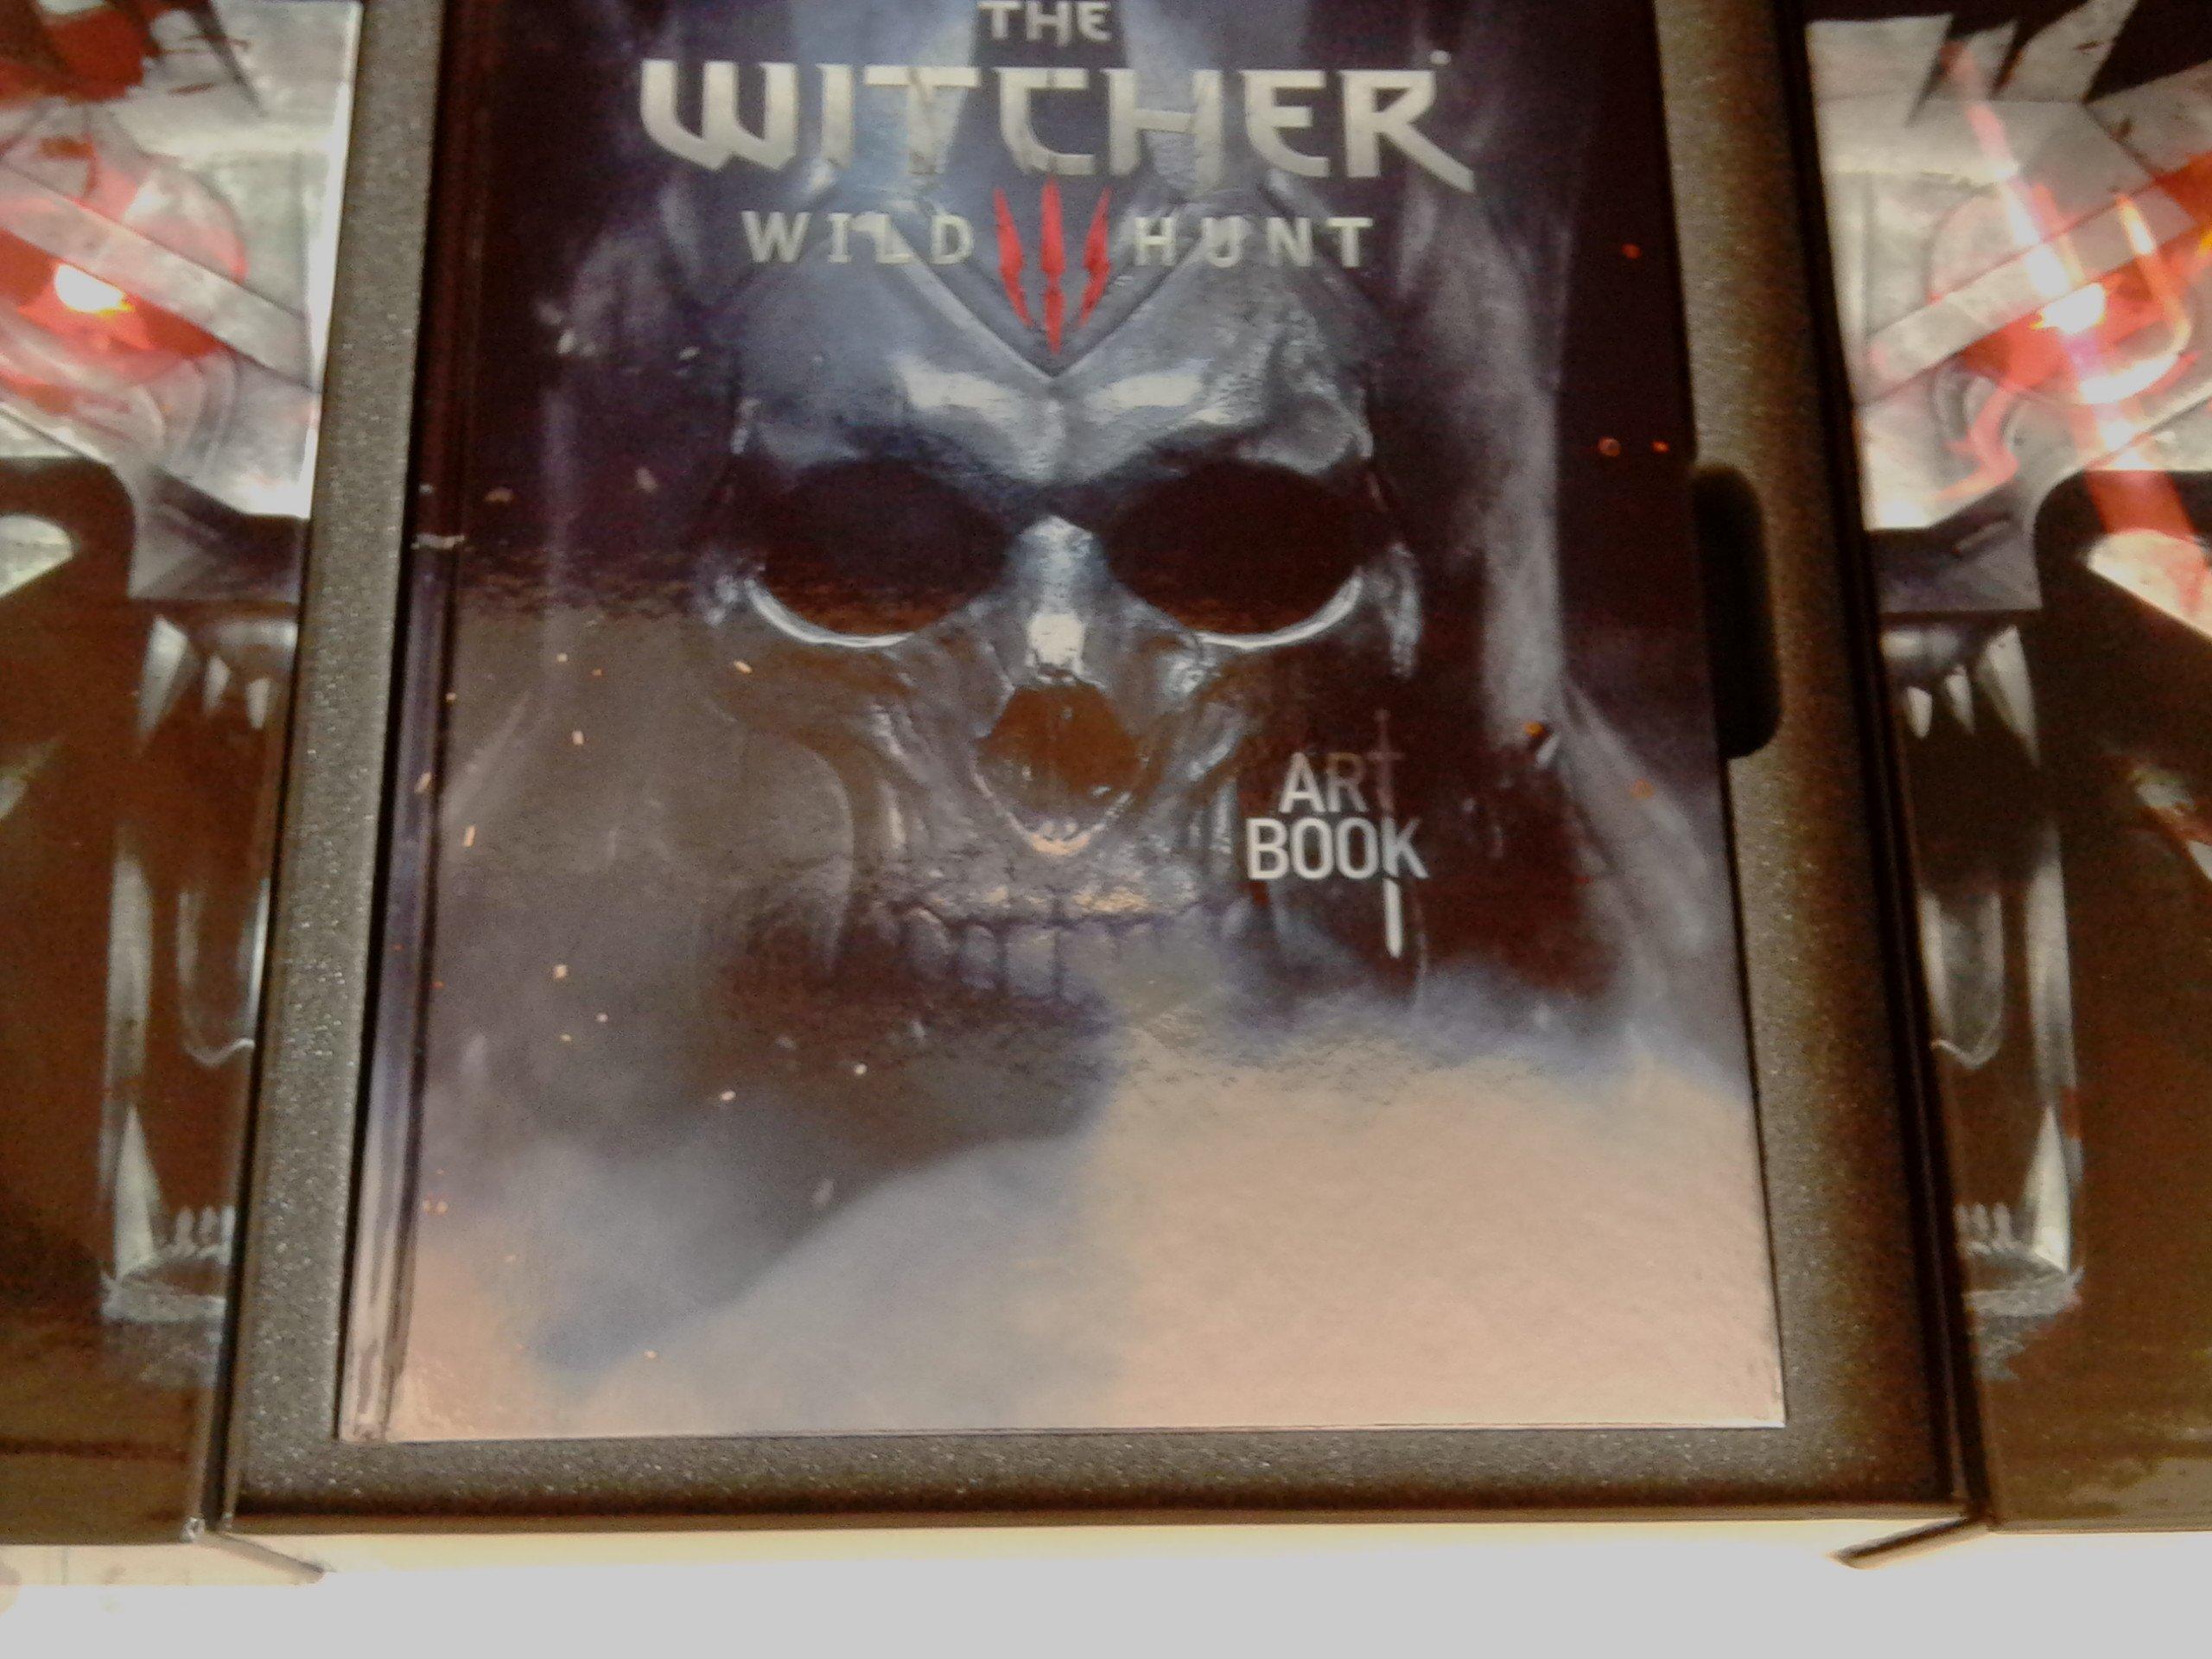 The Witcher 3: Wild Hunt. Распаковка коллекционного издания игры!     После долгого и томительного ожидания, сквозь  ... - Изображение 6